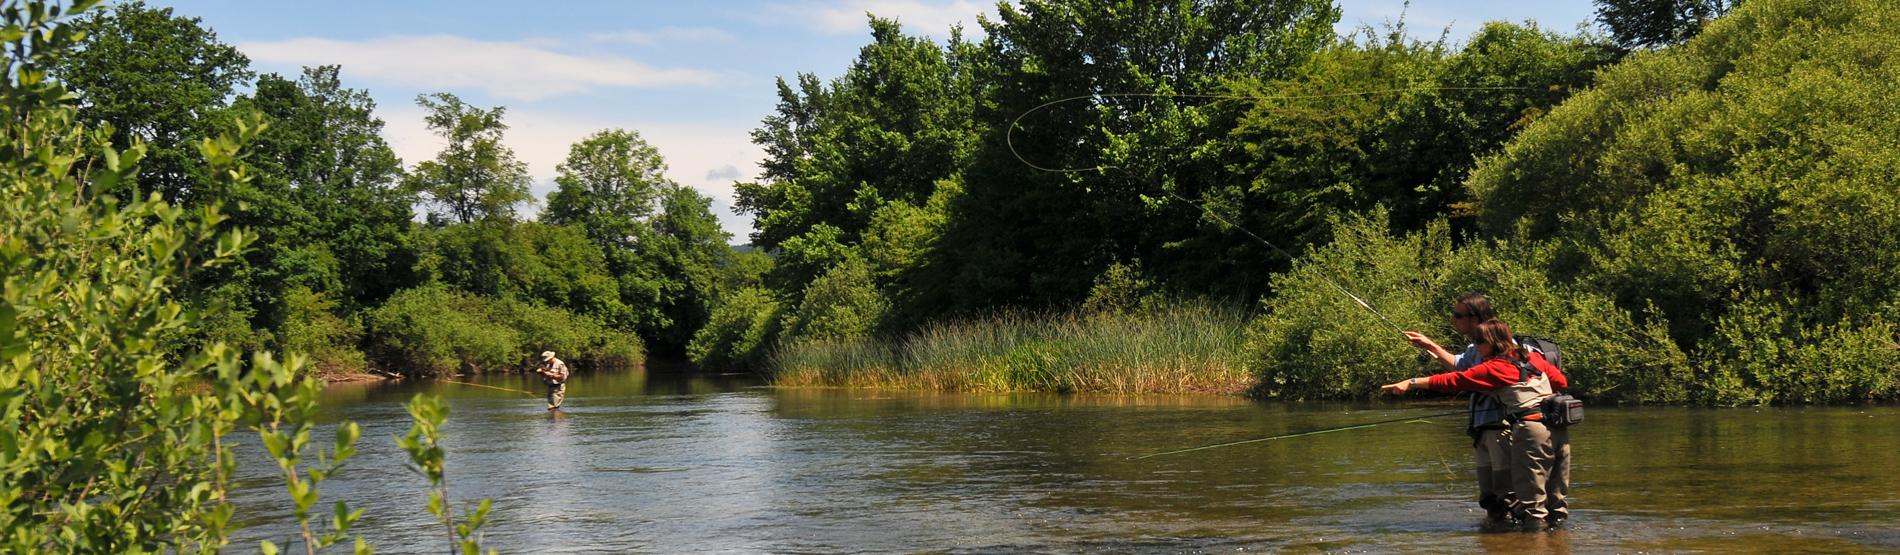 Fliegenfischerkurs am Fluss